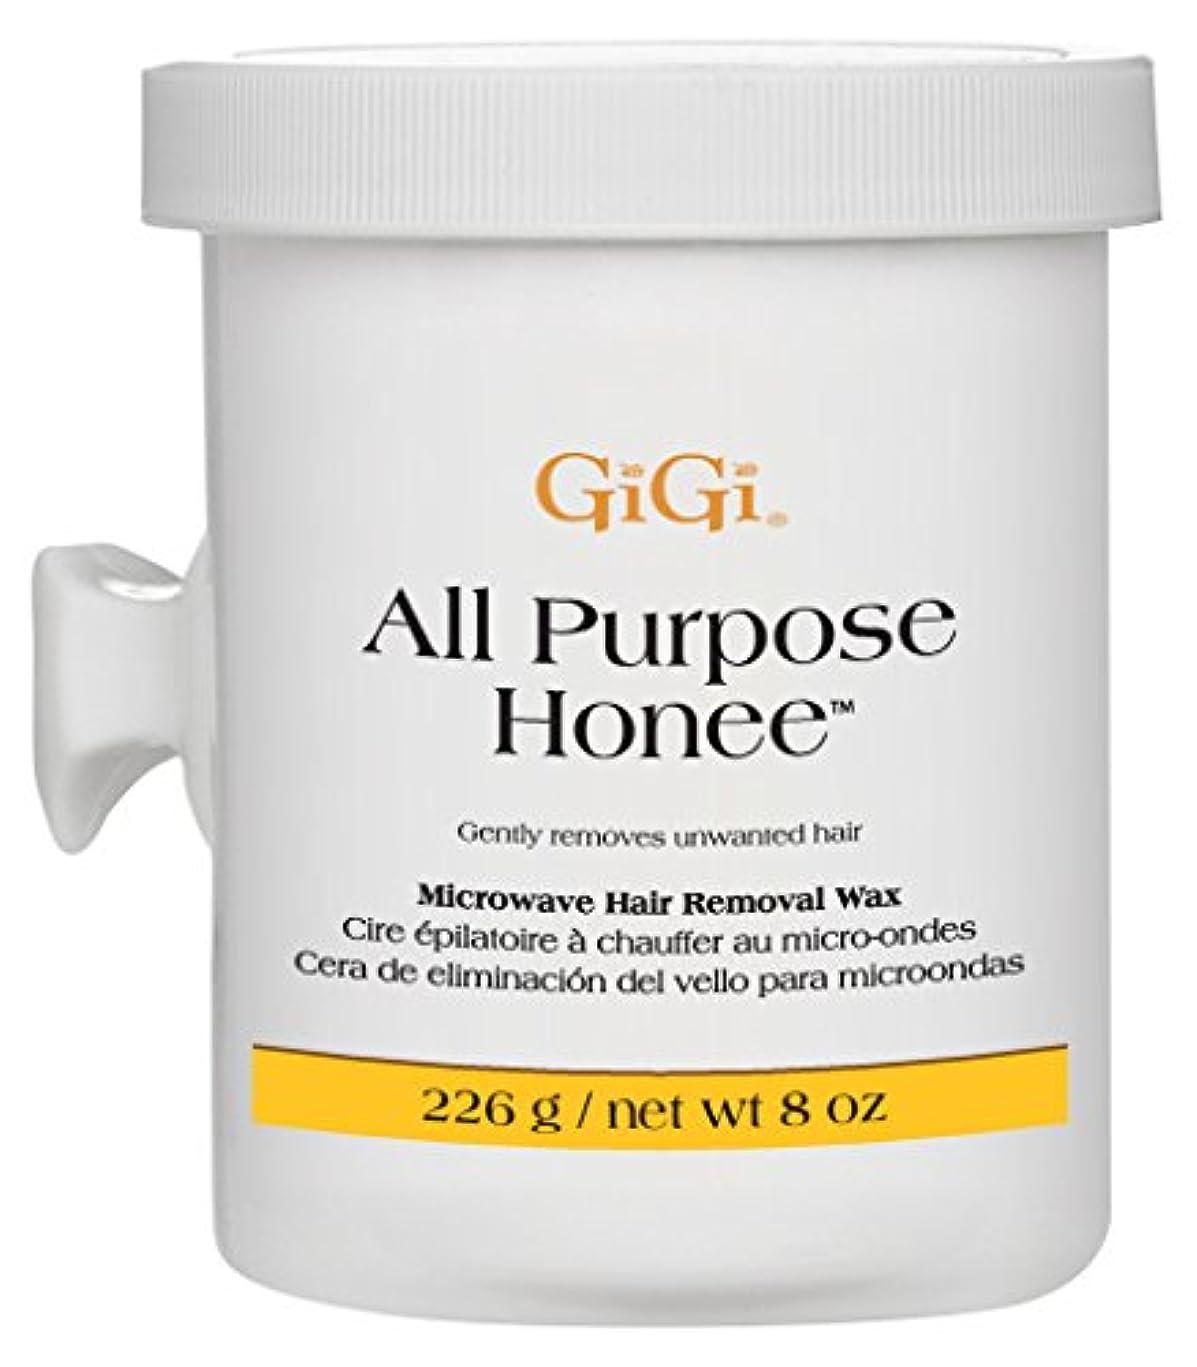 磨かれた興奮する問い合わせ(3 Pack) GIGI All Purpose Honee Microwave - GG0365 (並行輸入品)